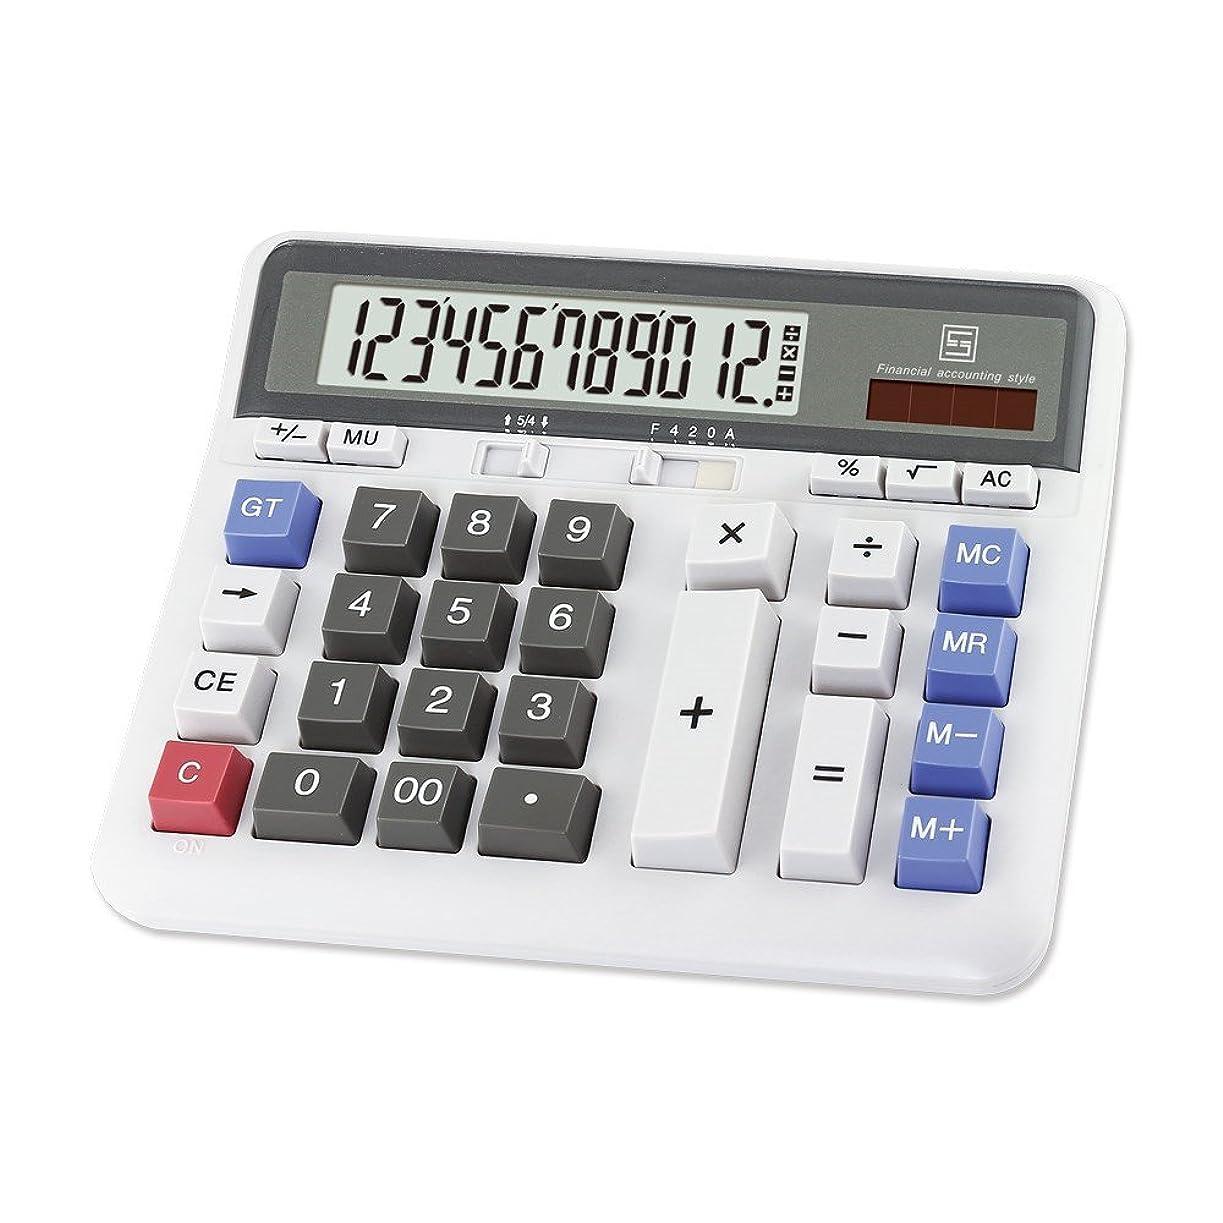 弾薬成果ワイドソーラー電卓Lianshi Bankファイナンスデスクトップソーラーデュアルパワー12ビットディスプレイ重複召喚電卓